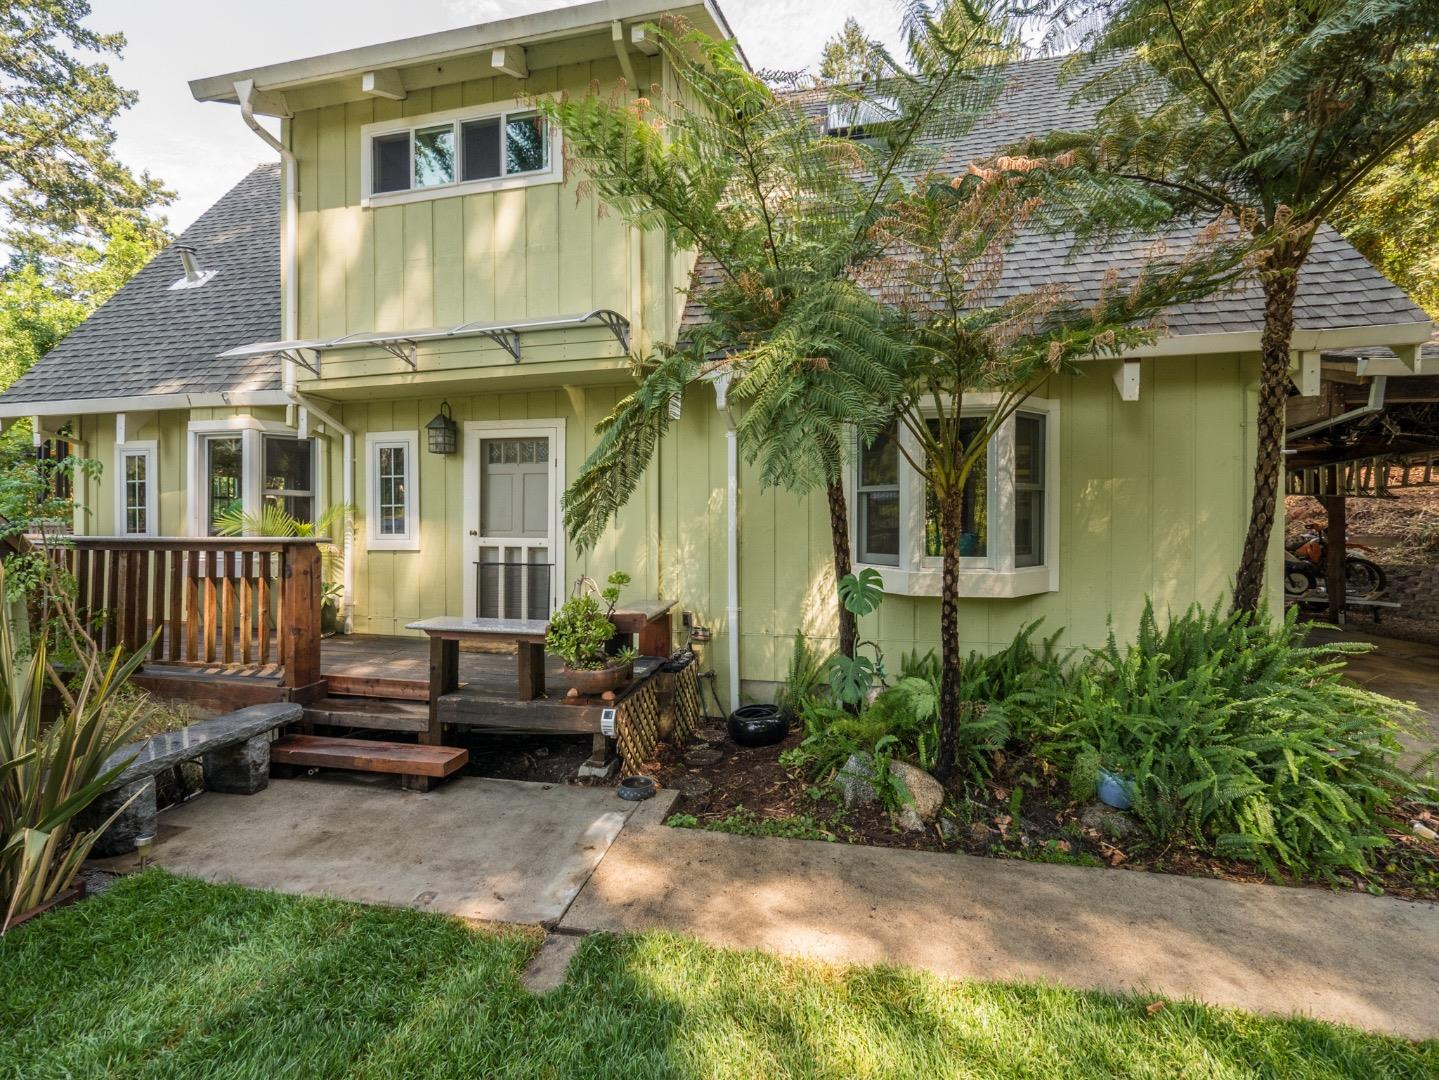 Maison unifamiliale pour l Vente à 1303 Highland Drive 1303 Highland Drive Boulder Creek, Californie 95006 États-Unis